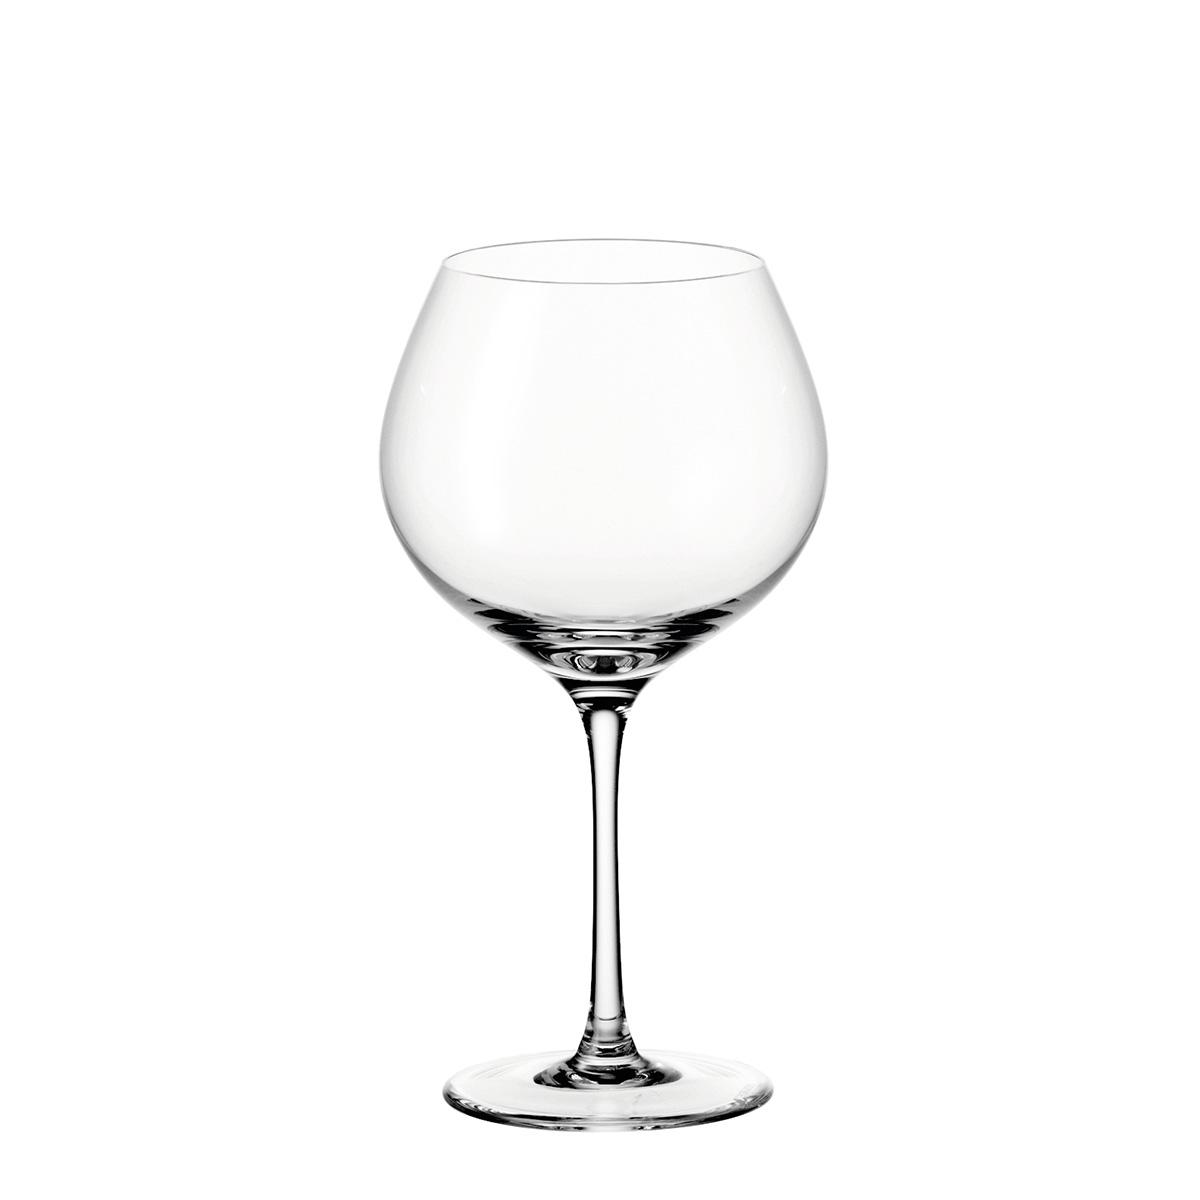 Čaša za crno vino Ciao 61450